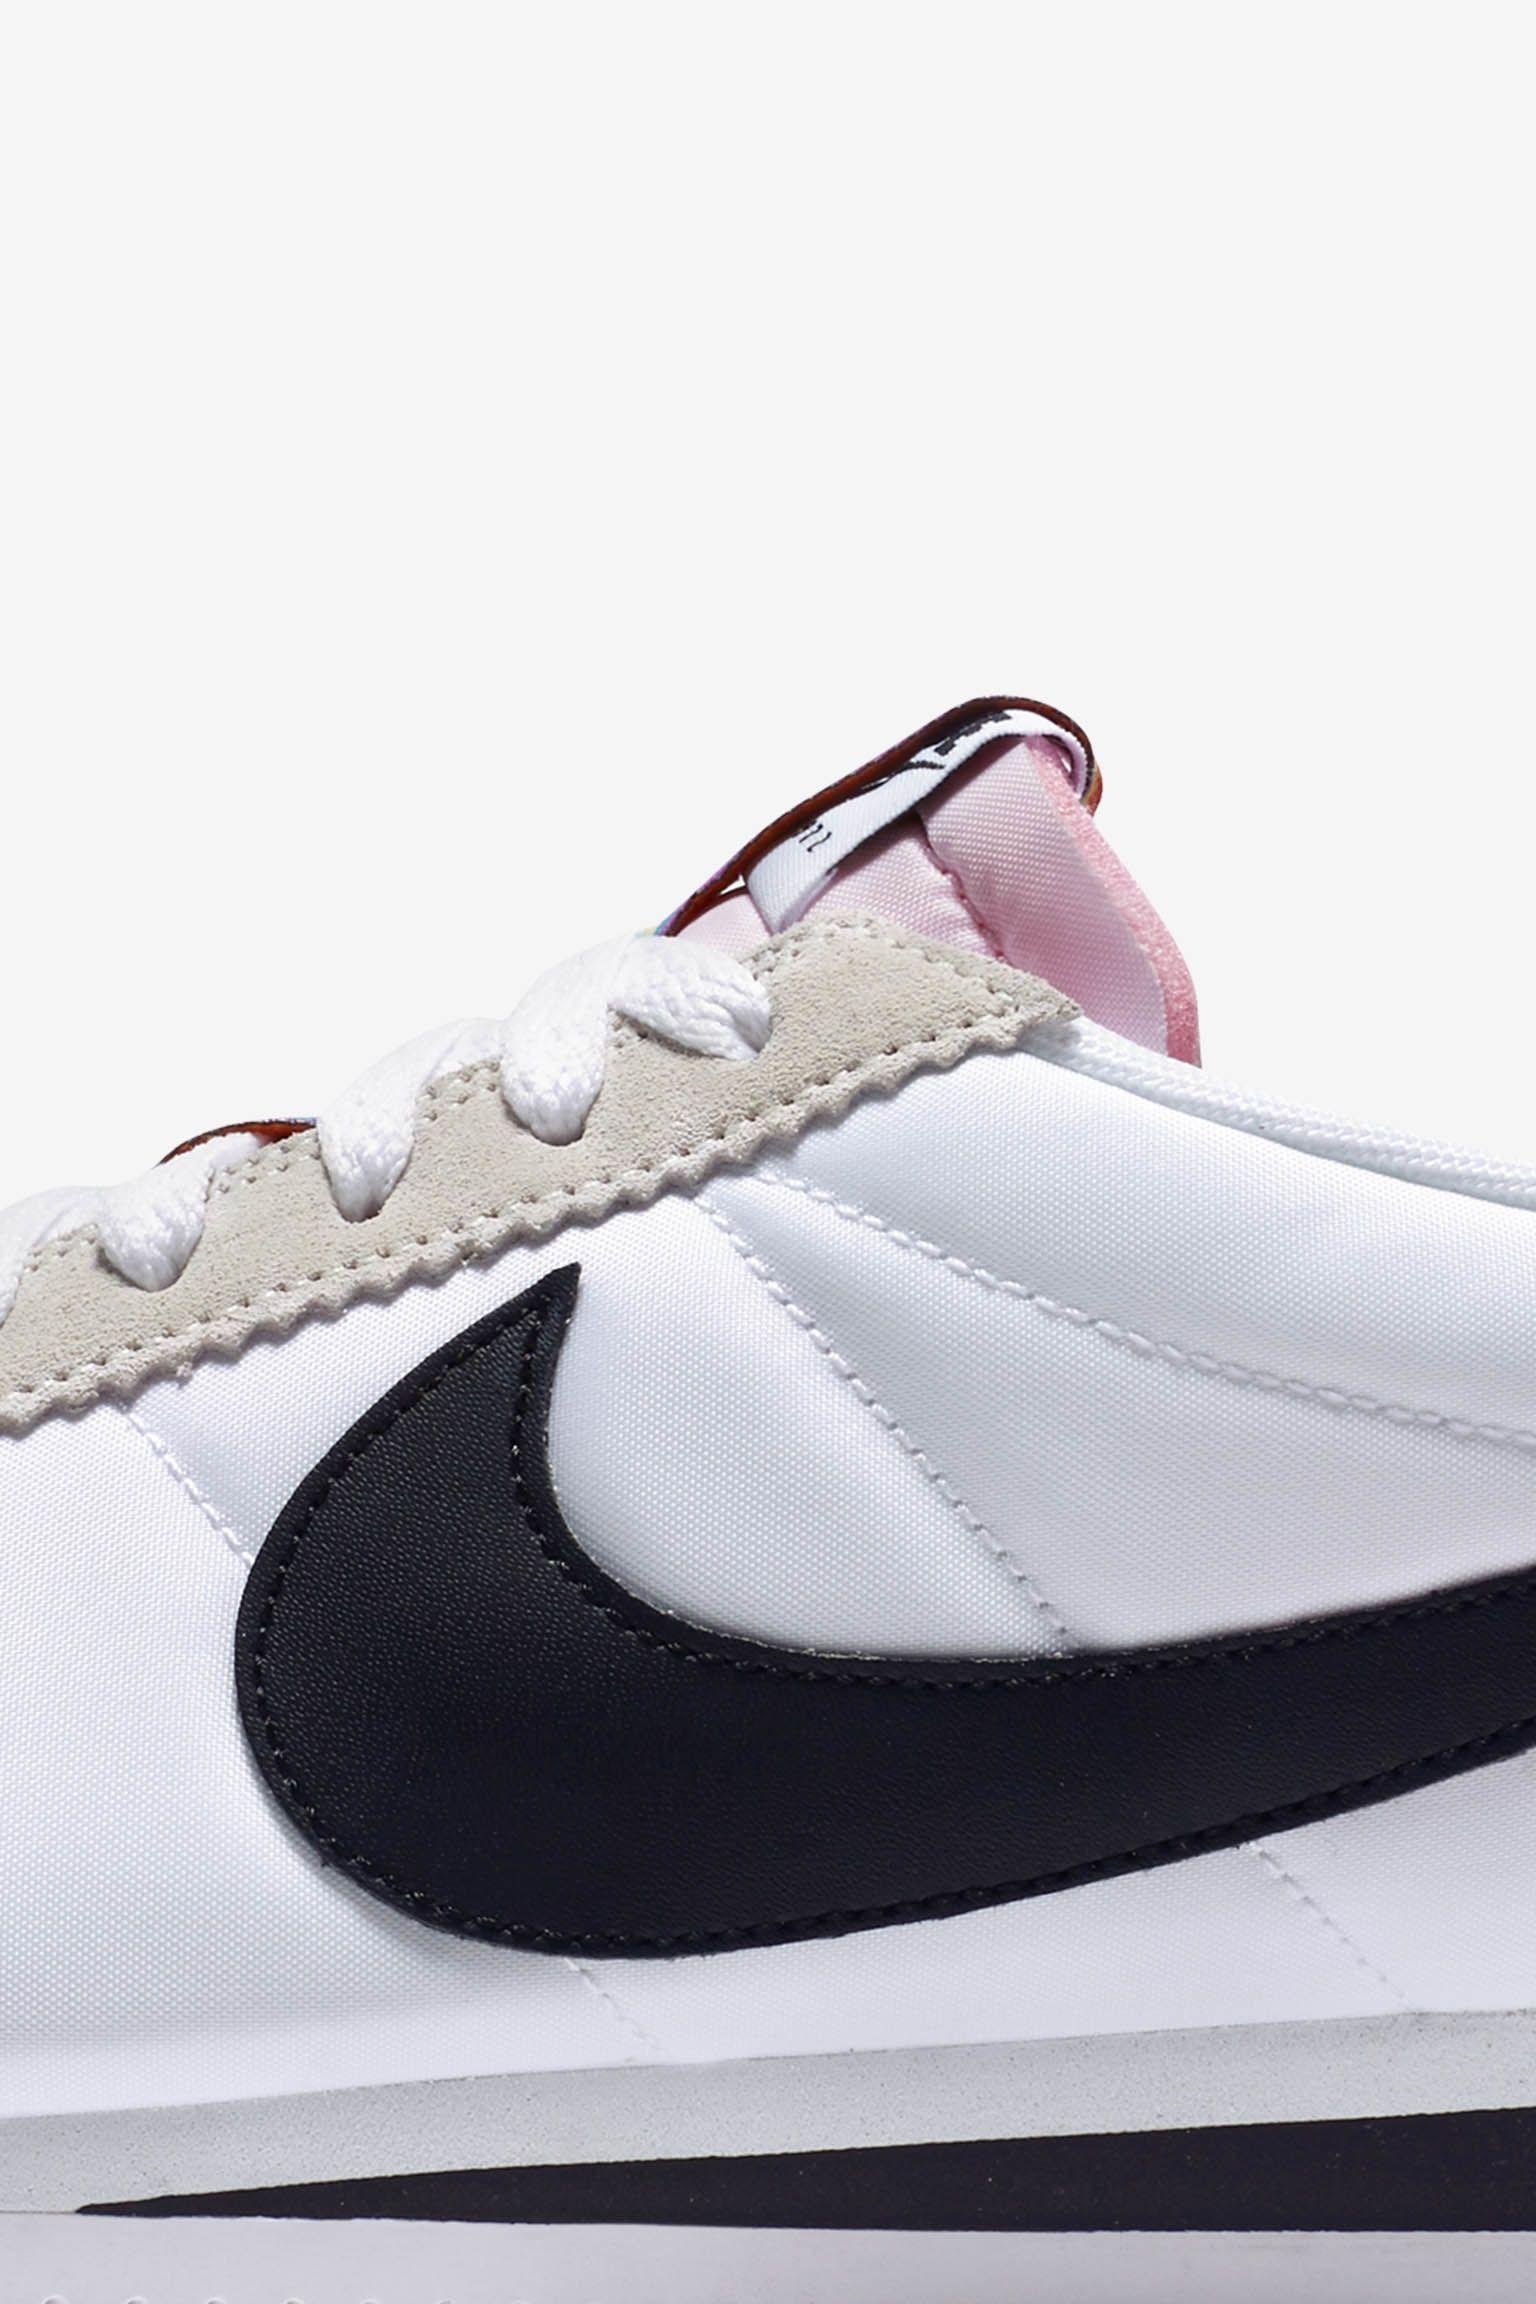 Nike Classic Cortez 'BETRUE' 2017 Release Date